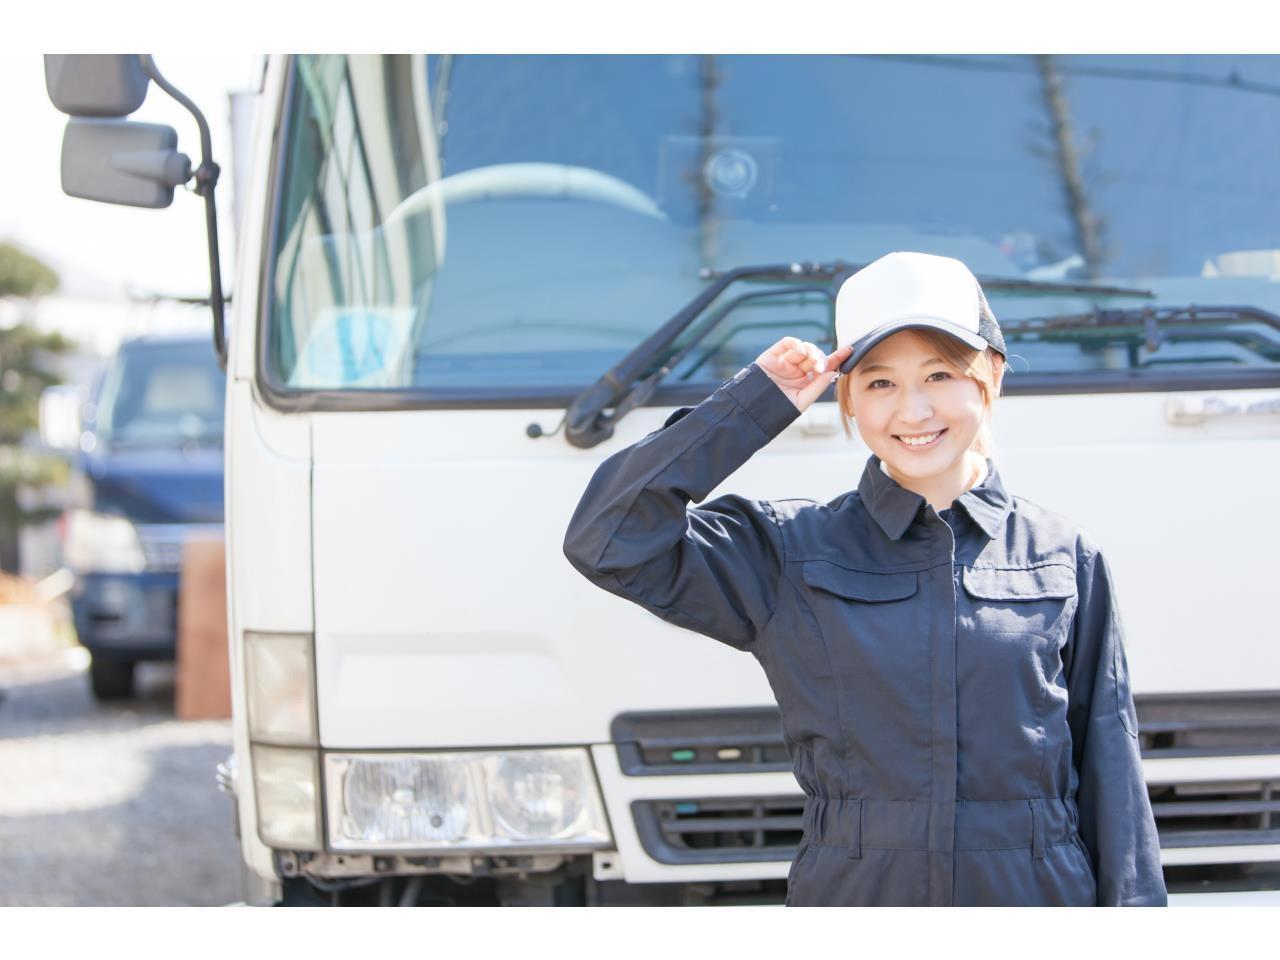 4tトラック乗務員ですよ♪